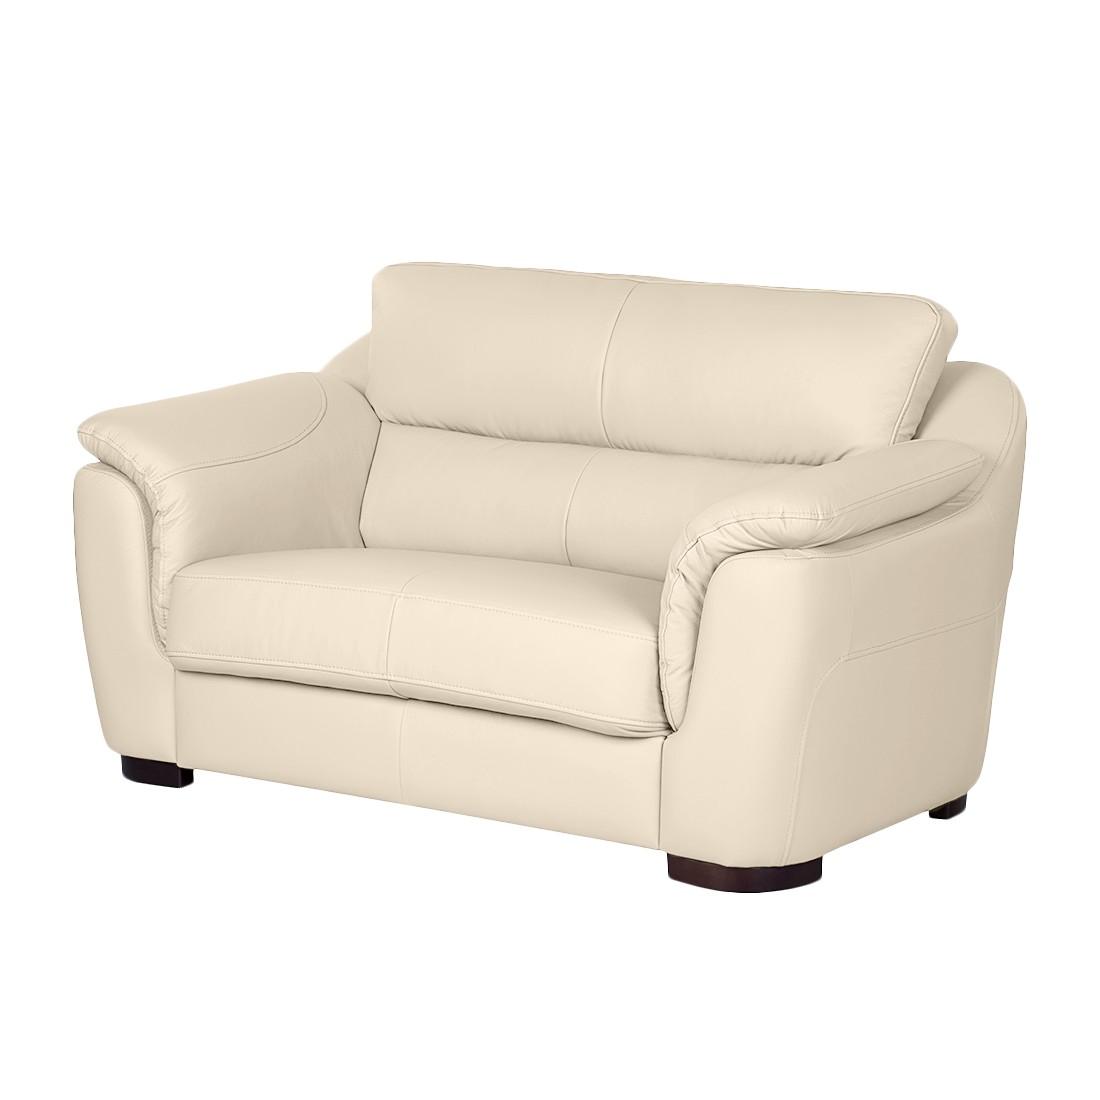 sofa alzira 2 sitzer echtleder beige nuovoform. Black Bedroom Furniture Sets. Home Design Ideas